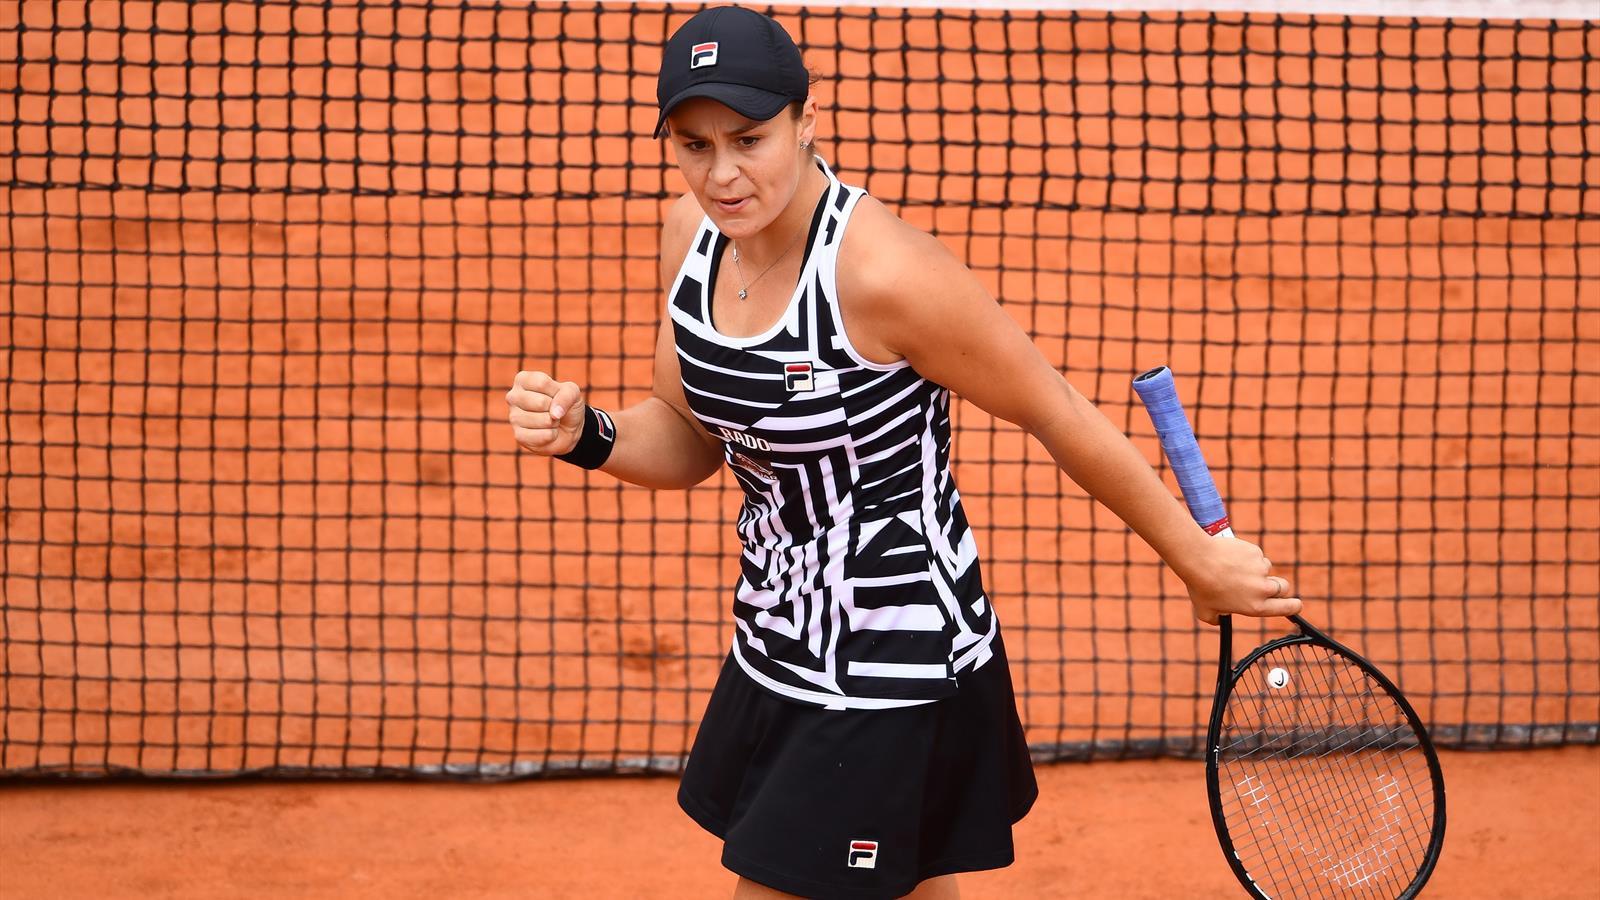 Tennis Damen Finale Olympia